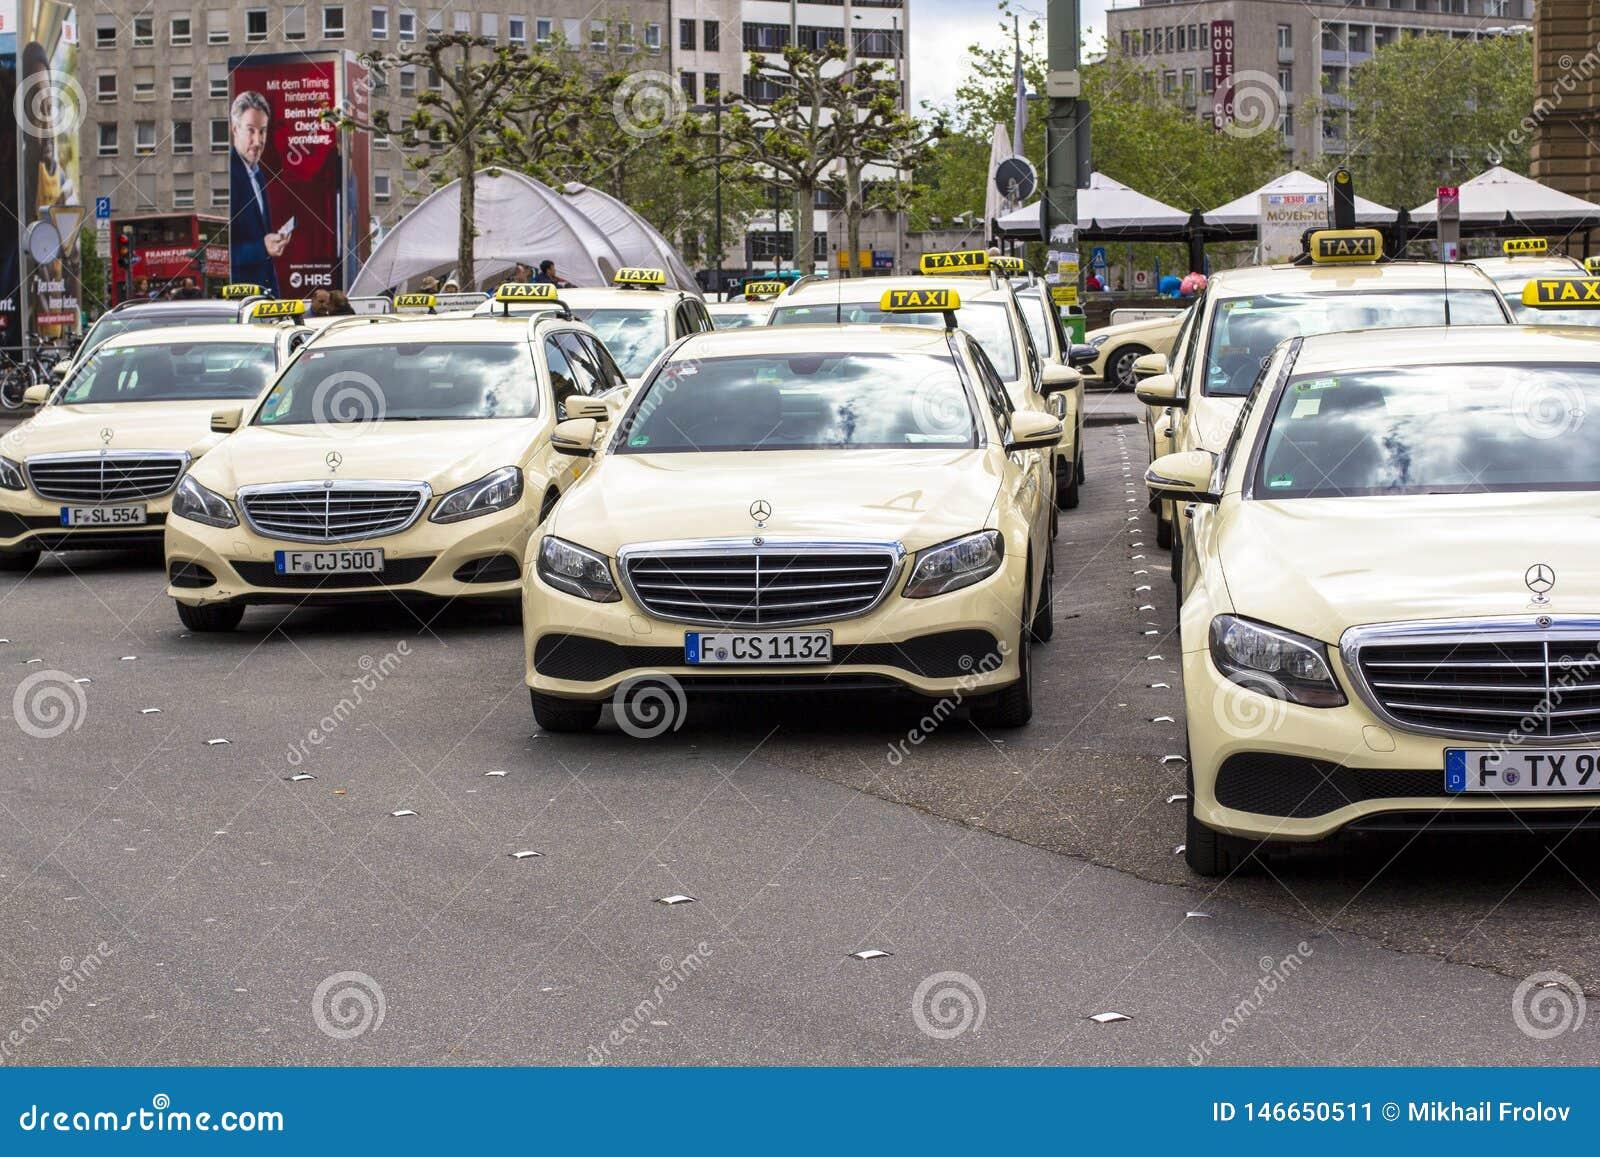 Франкфурт-на-Майне, Германия Hauptbahnhof, 28-ое апреля 2019, стоянка такси в Германии Такси Франкфурта большей частью Мерседес